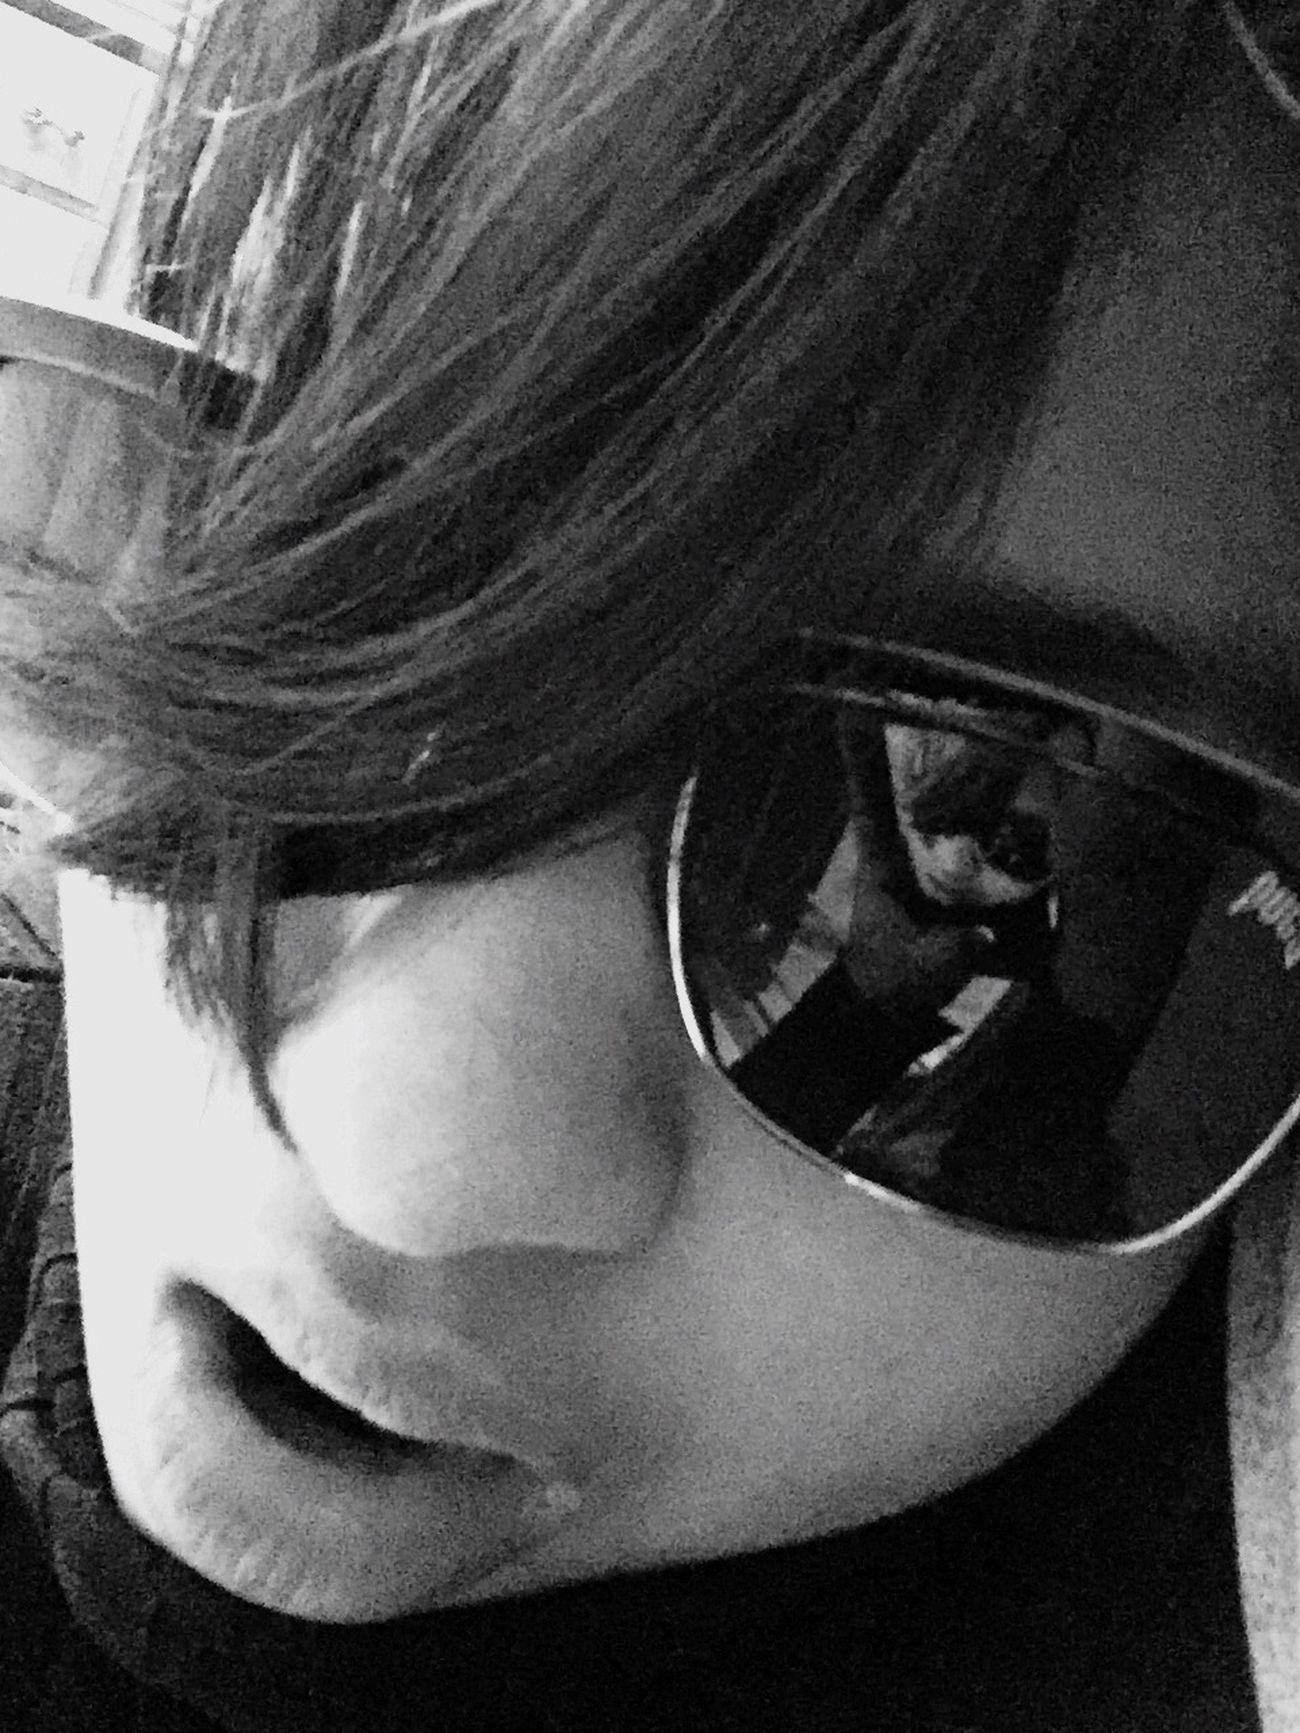 Blackandwhite Glasses Reflect Glasses👌